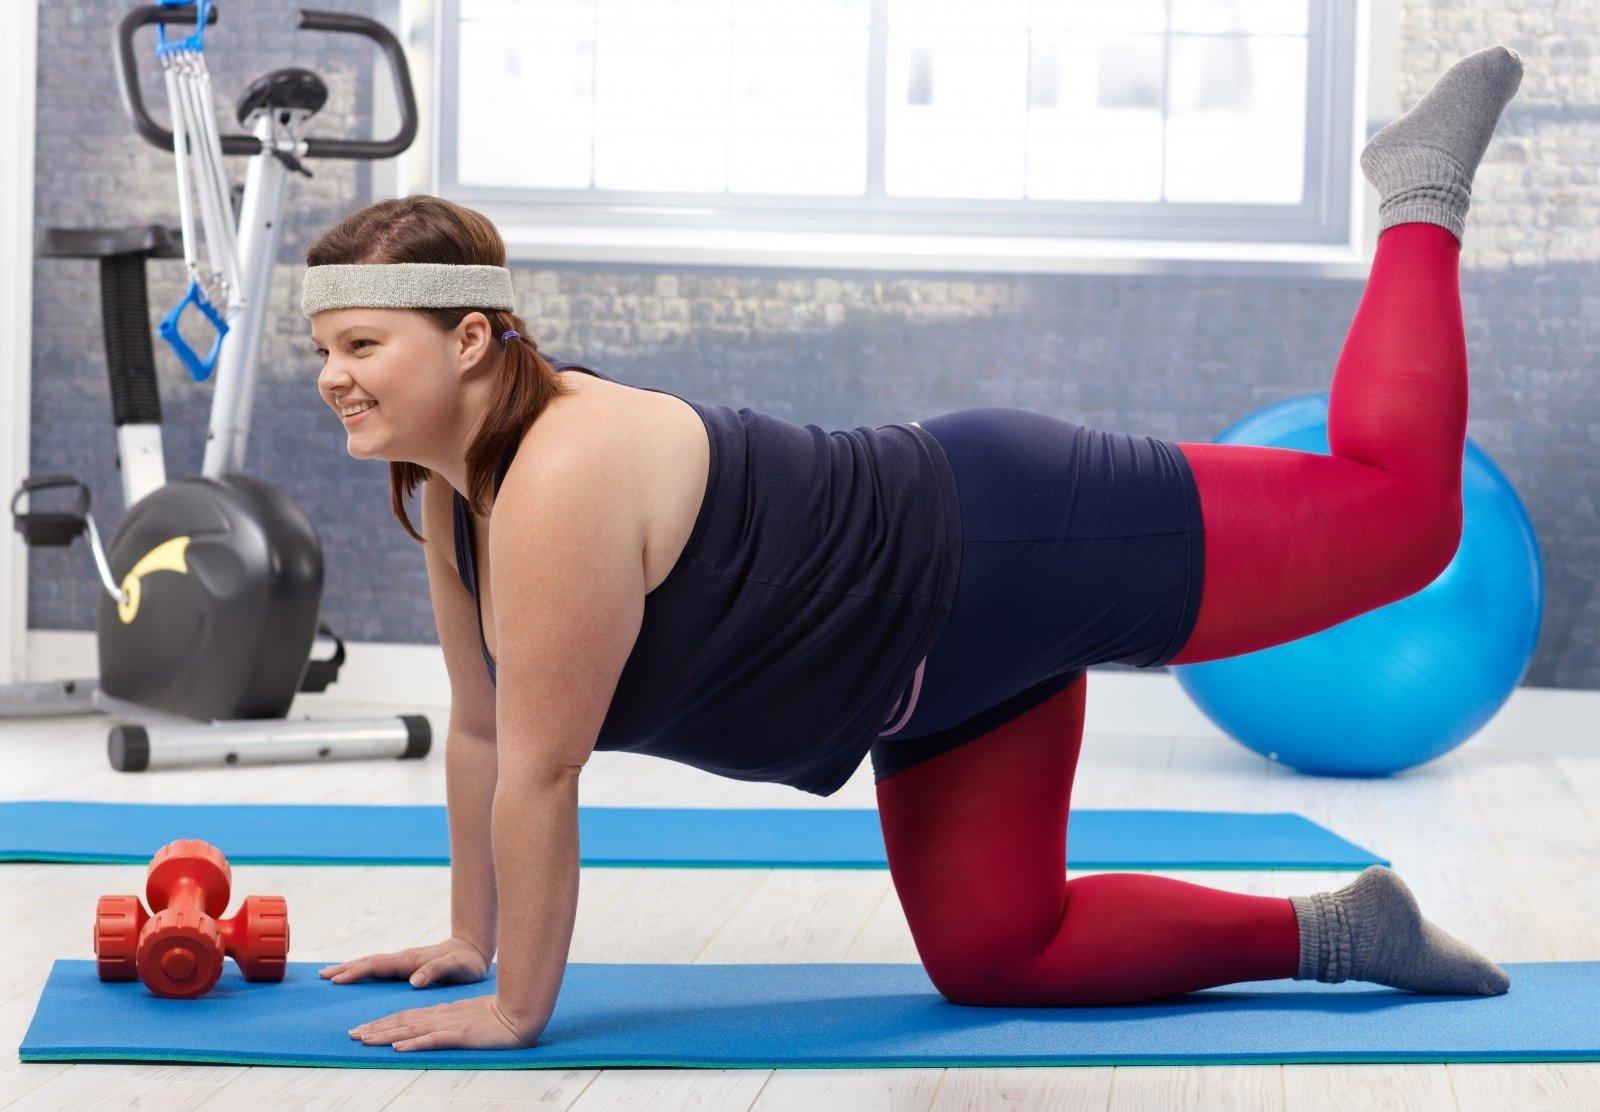 negalėdama numesti svorio slaugos metu